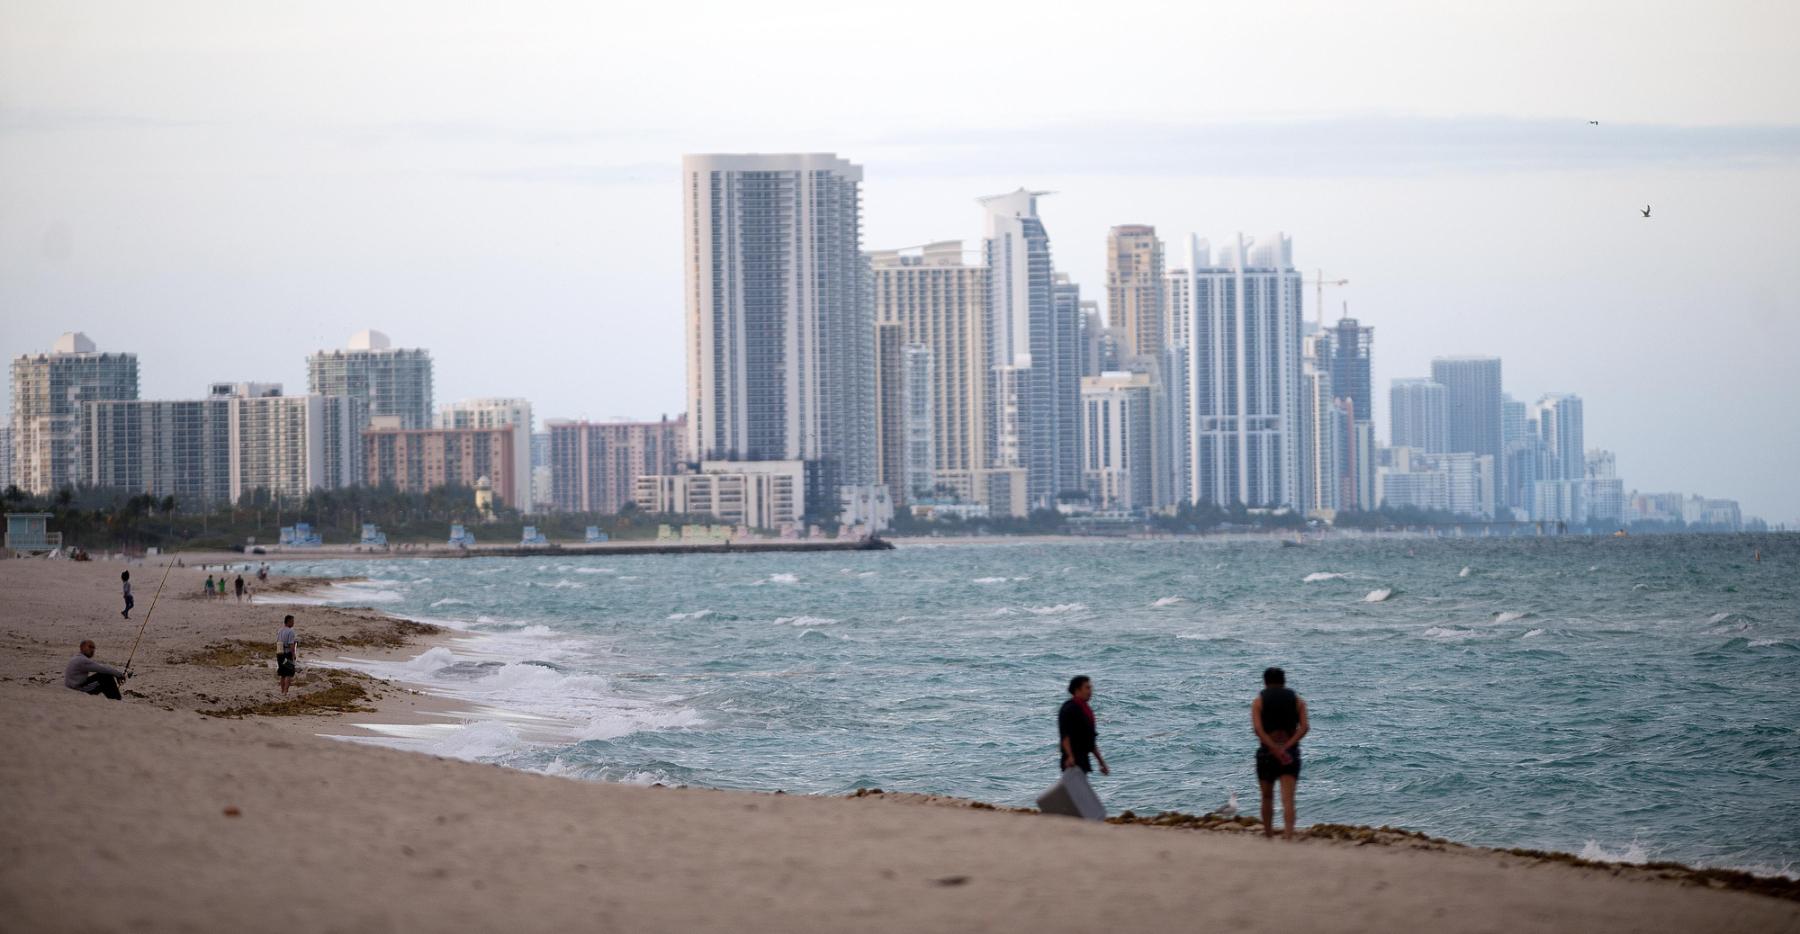 https://assets.sourcemedia.com/0e/52/70e508304669a117ea925d2e19c2/miami-beach-beachgoers.jpg